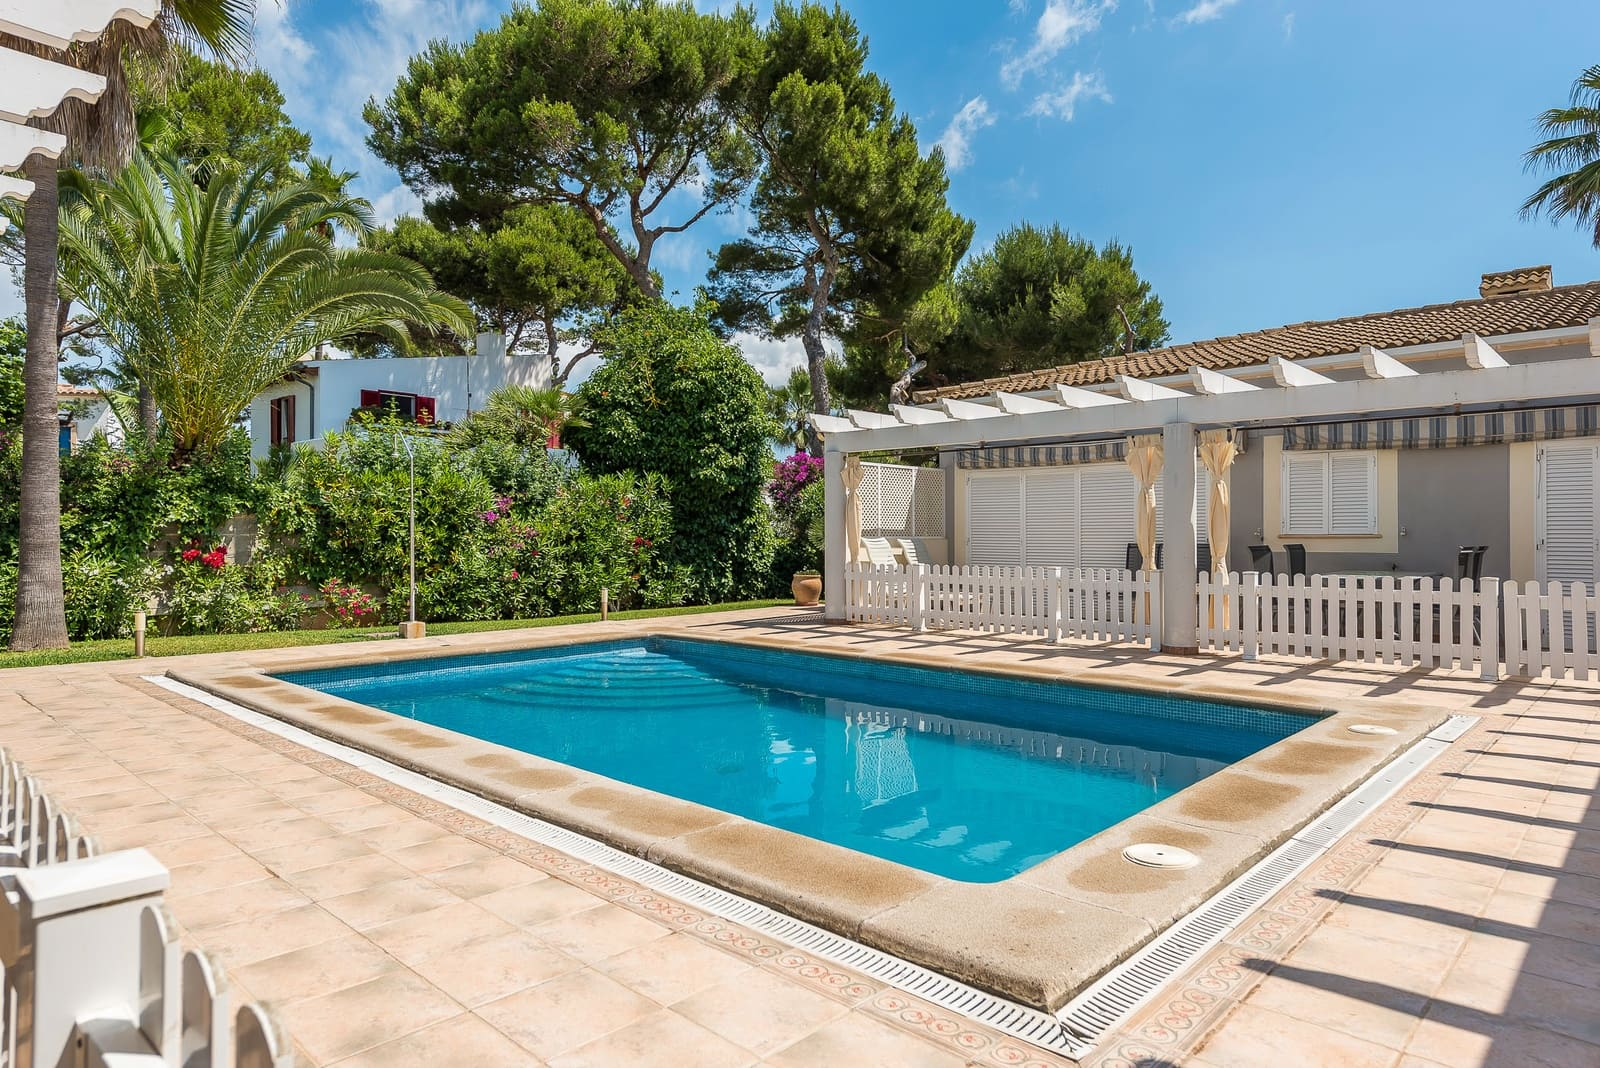 3 sypialnia Dom szeregowy na sprzedaż w Muro z garażem - 515 000 € (Ref: 5562215)